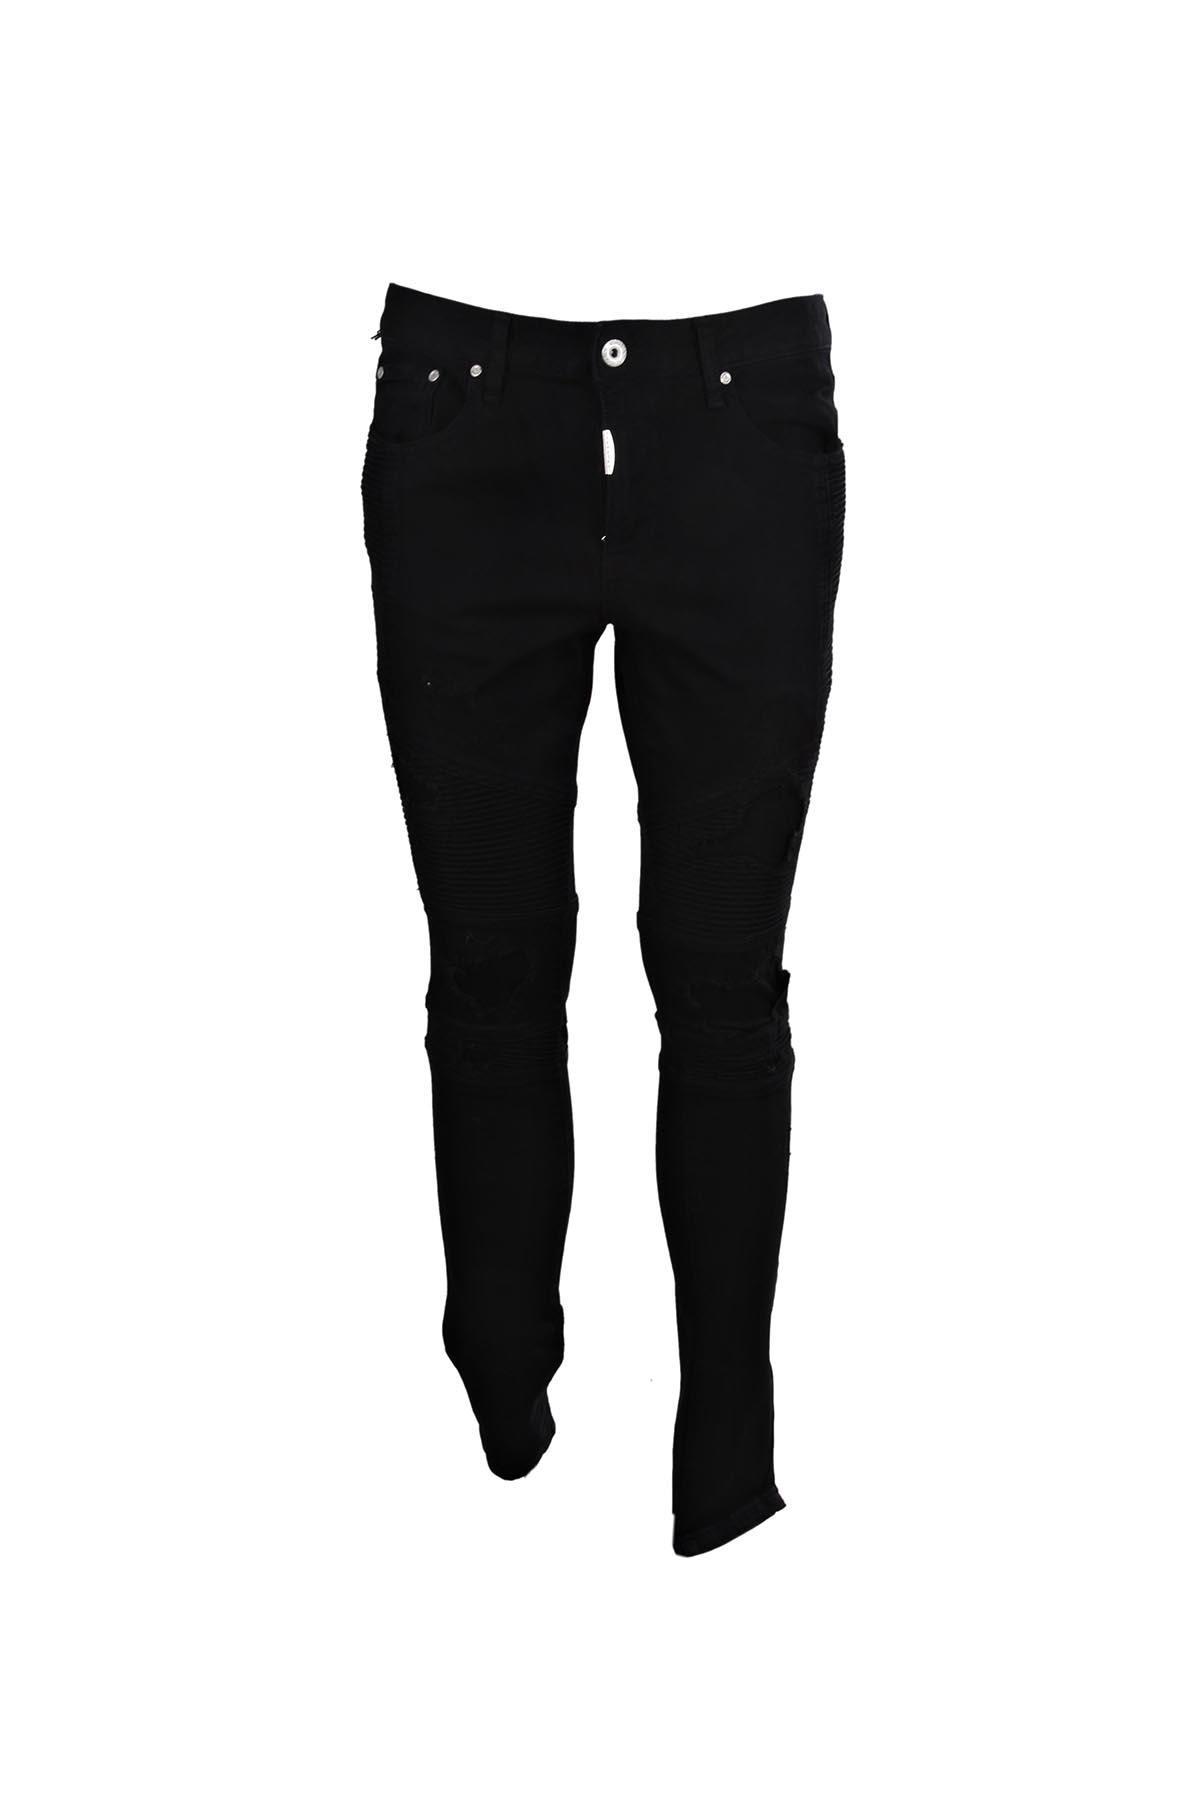 Represent Jeans In Jet Black